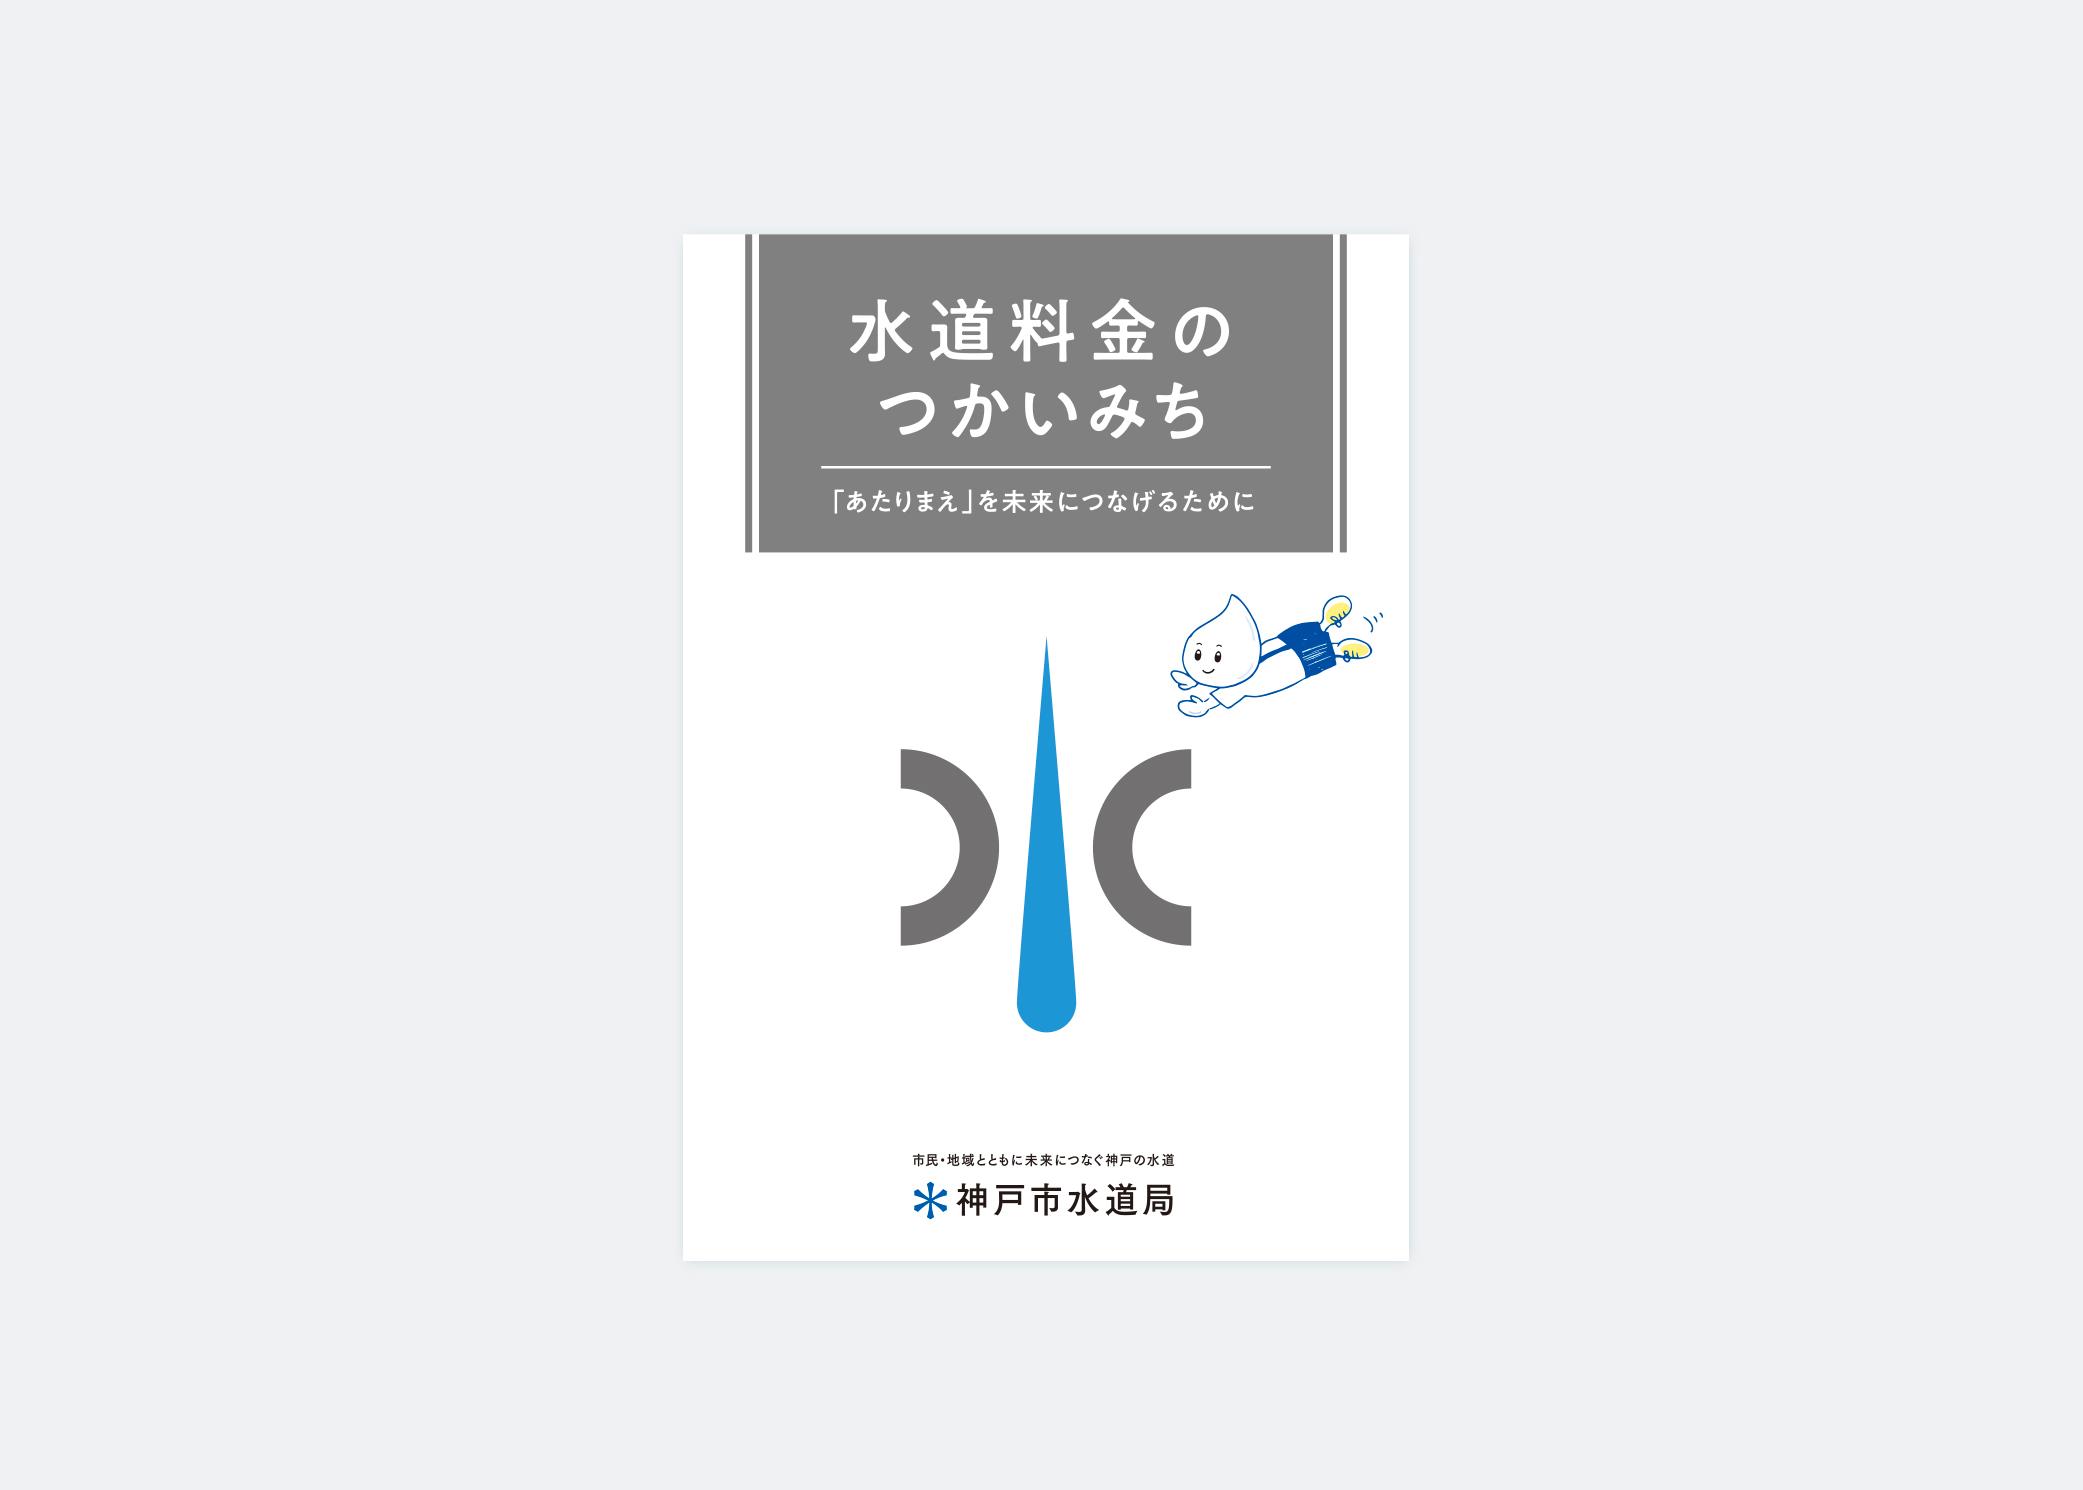 水道 神戸 局 市